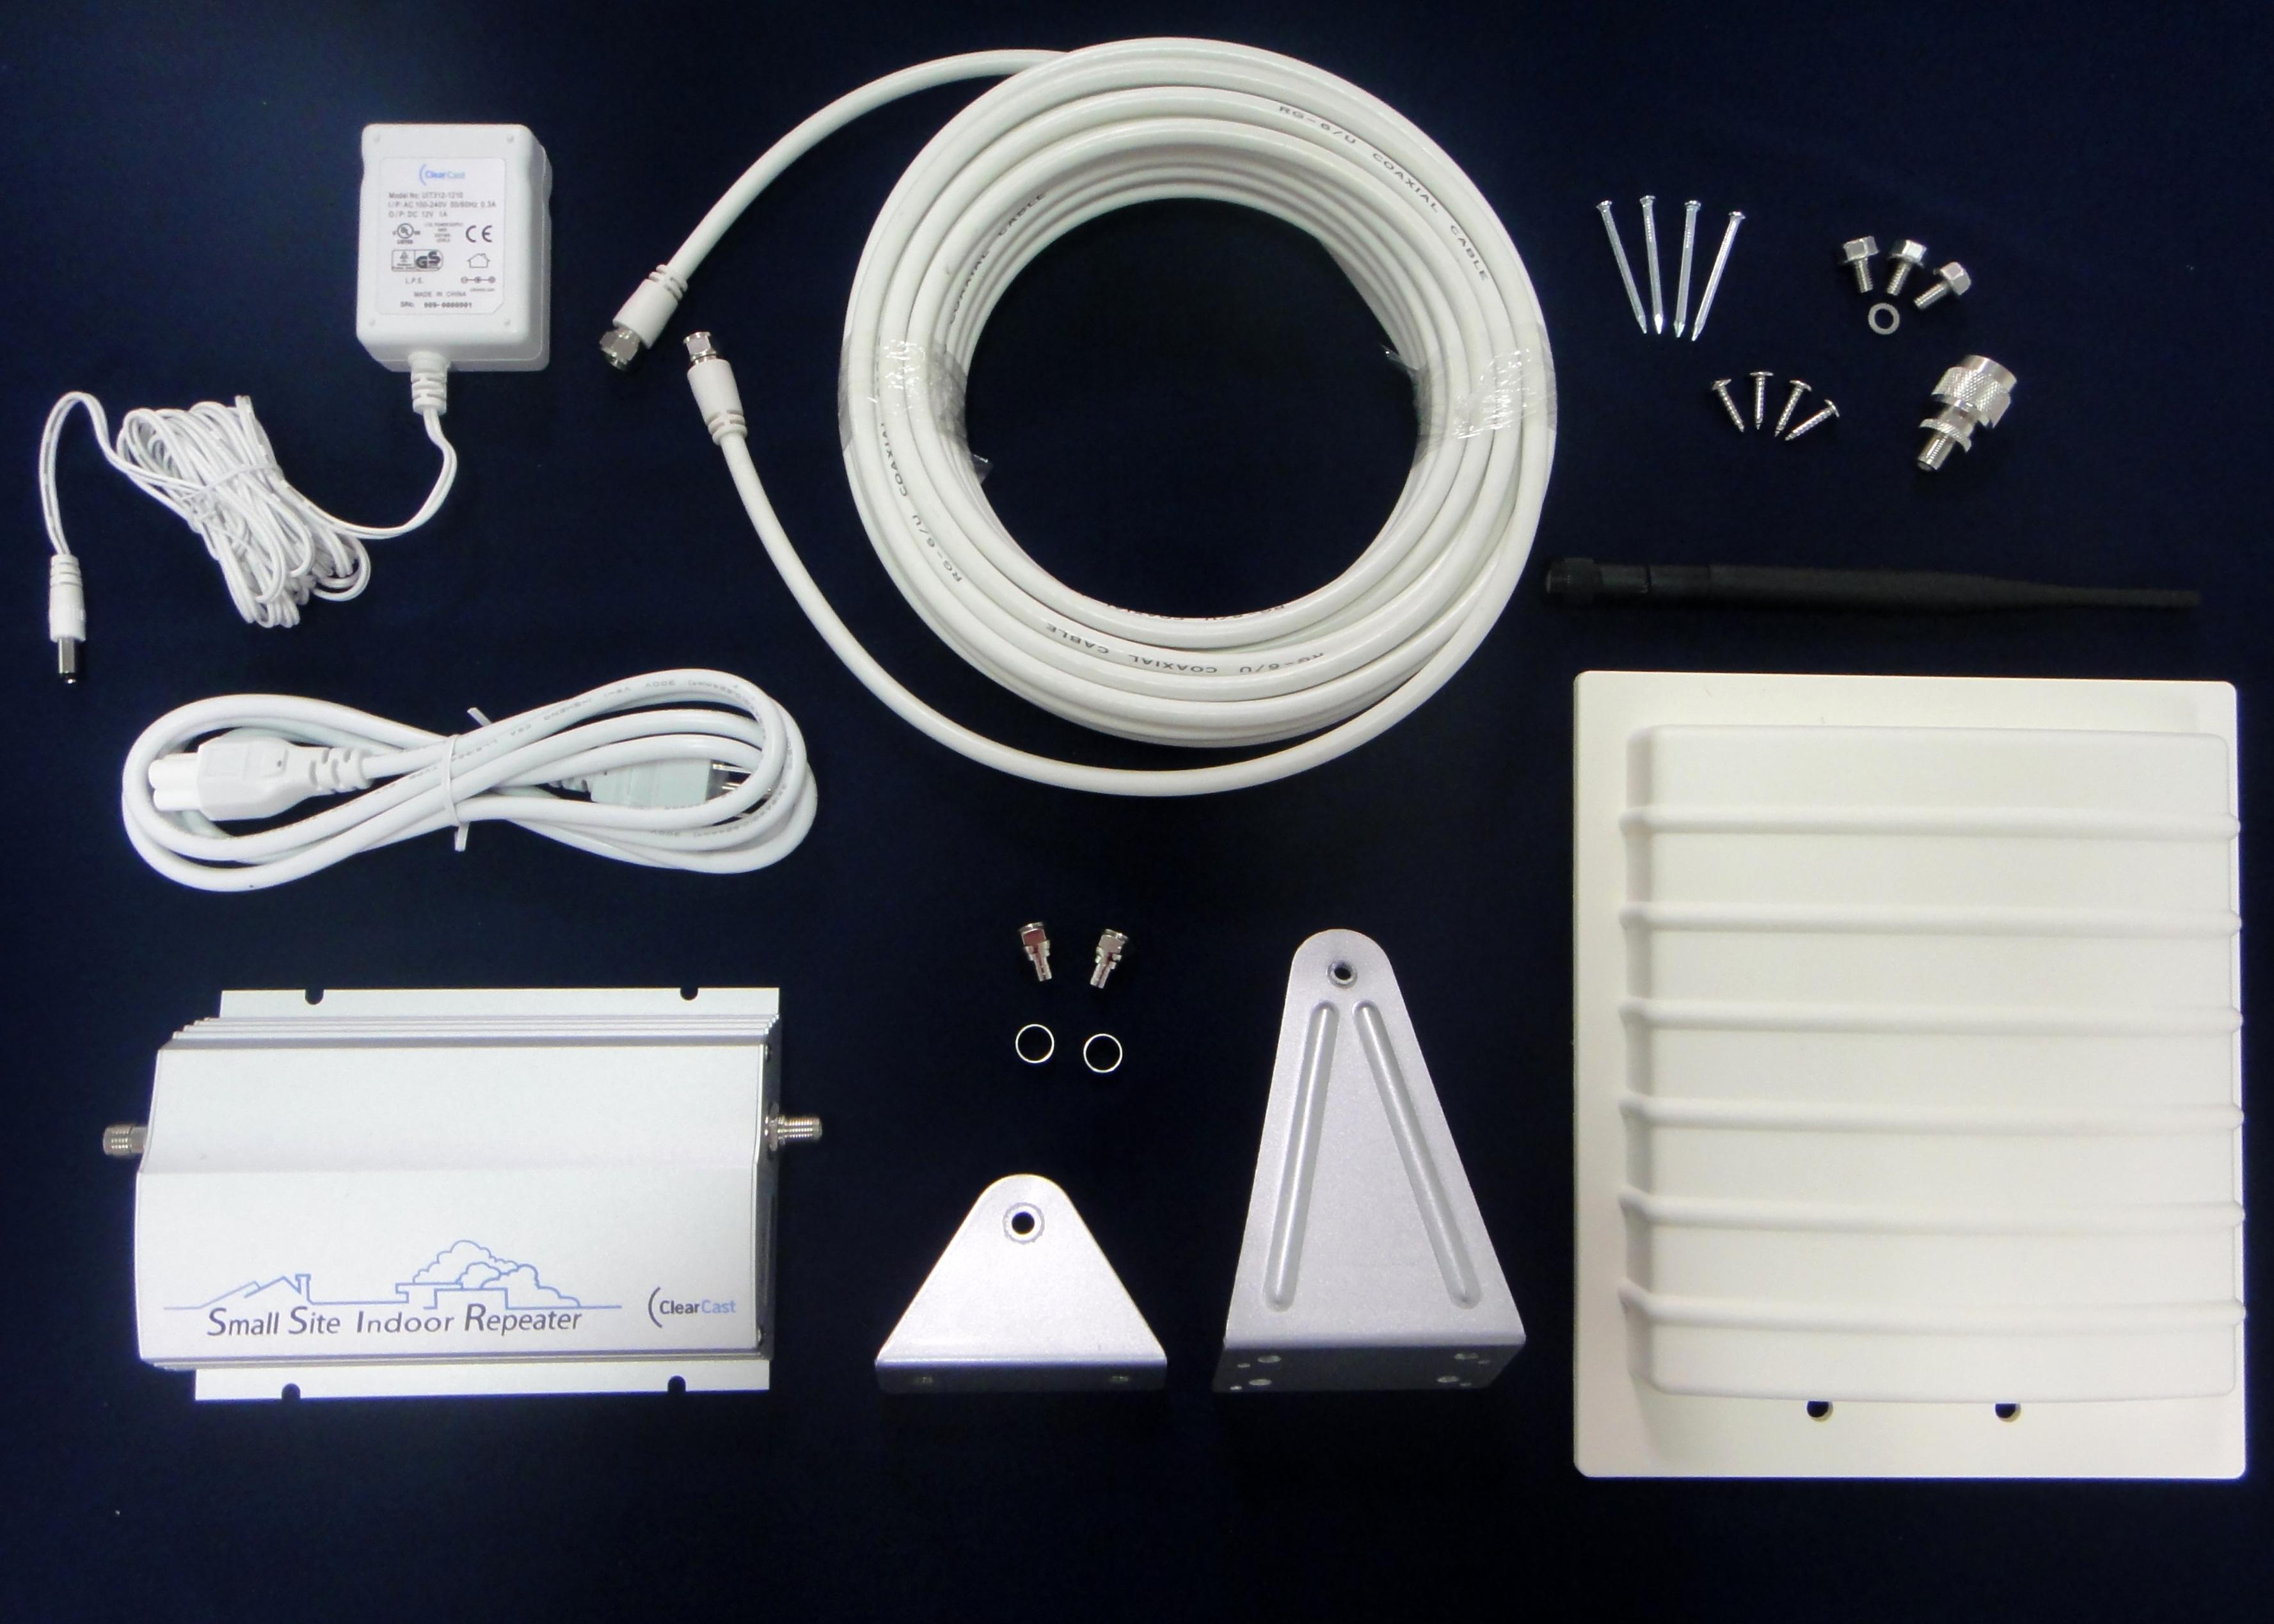 CHINMORE SG 45 Tämä matkapuhelinhärpäke tuo poliisin ovellesi